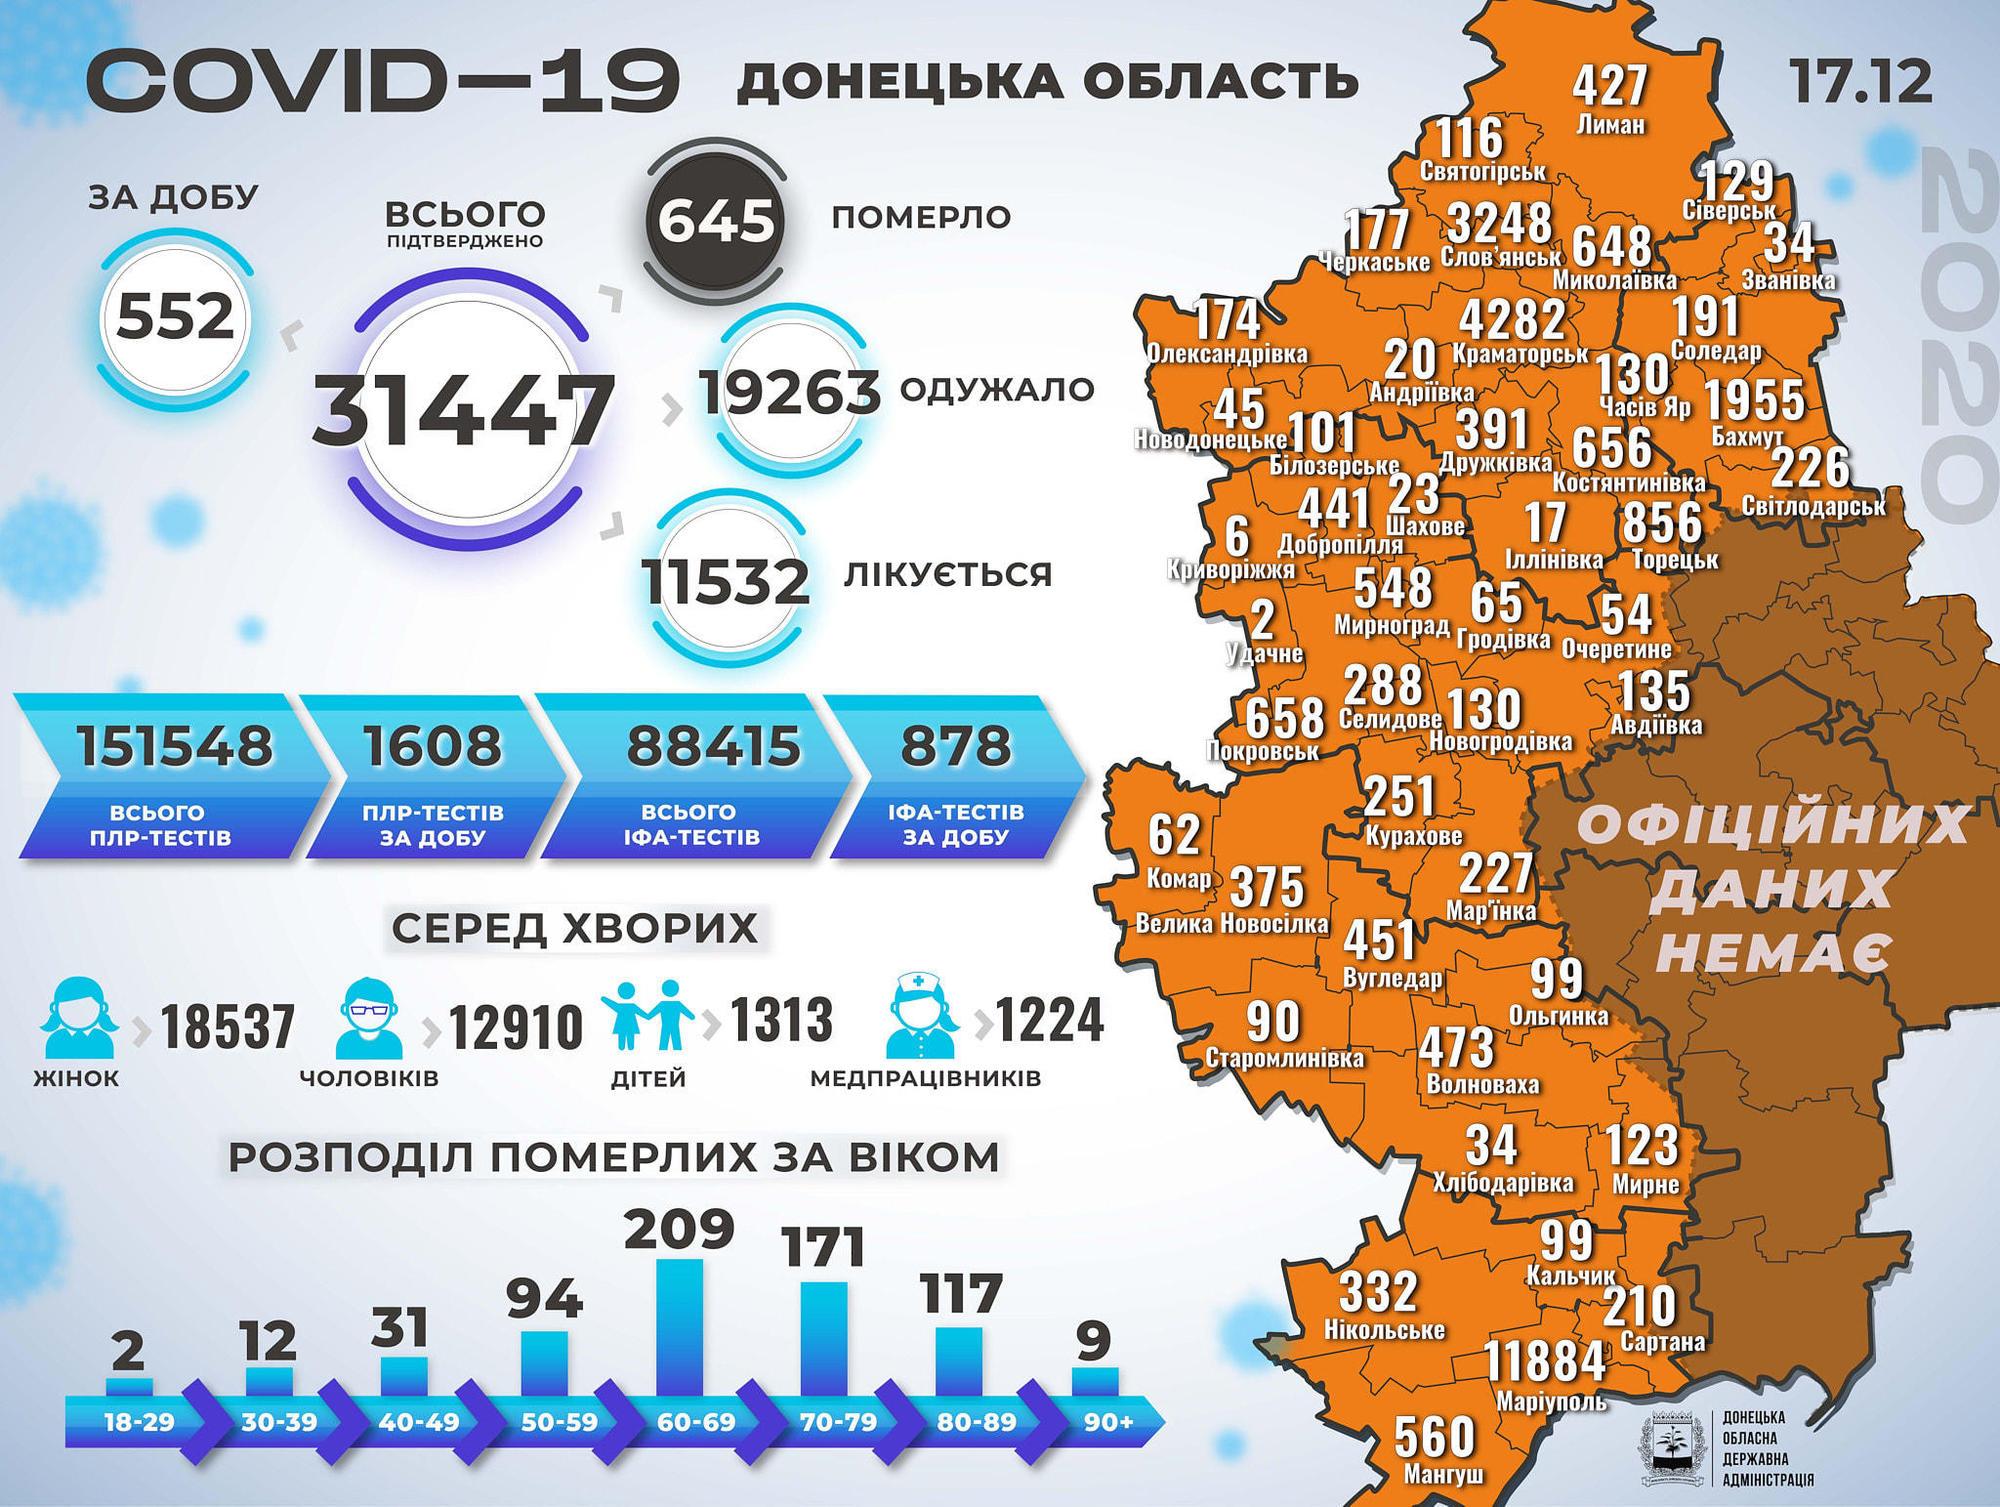 коронавірусна хвороба в підконтрольній Донеччині на 19 грудня